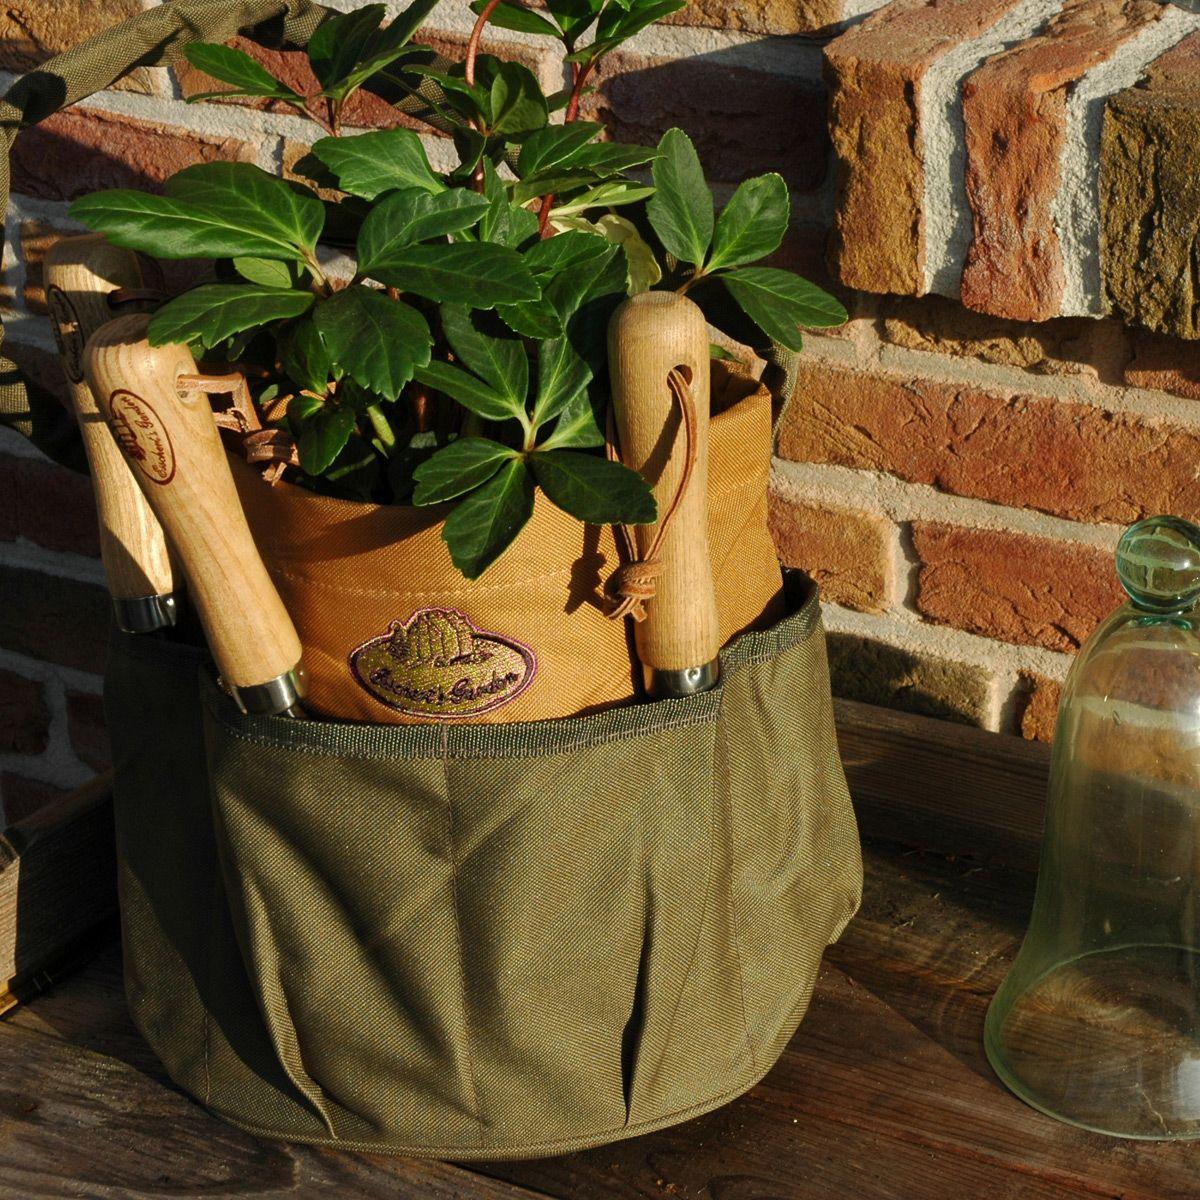 Praktische Tasche zum Transportieren von Gartenwerkzeug. #design3000 ...